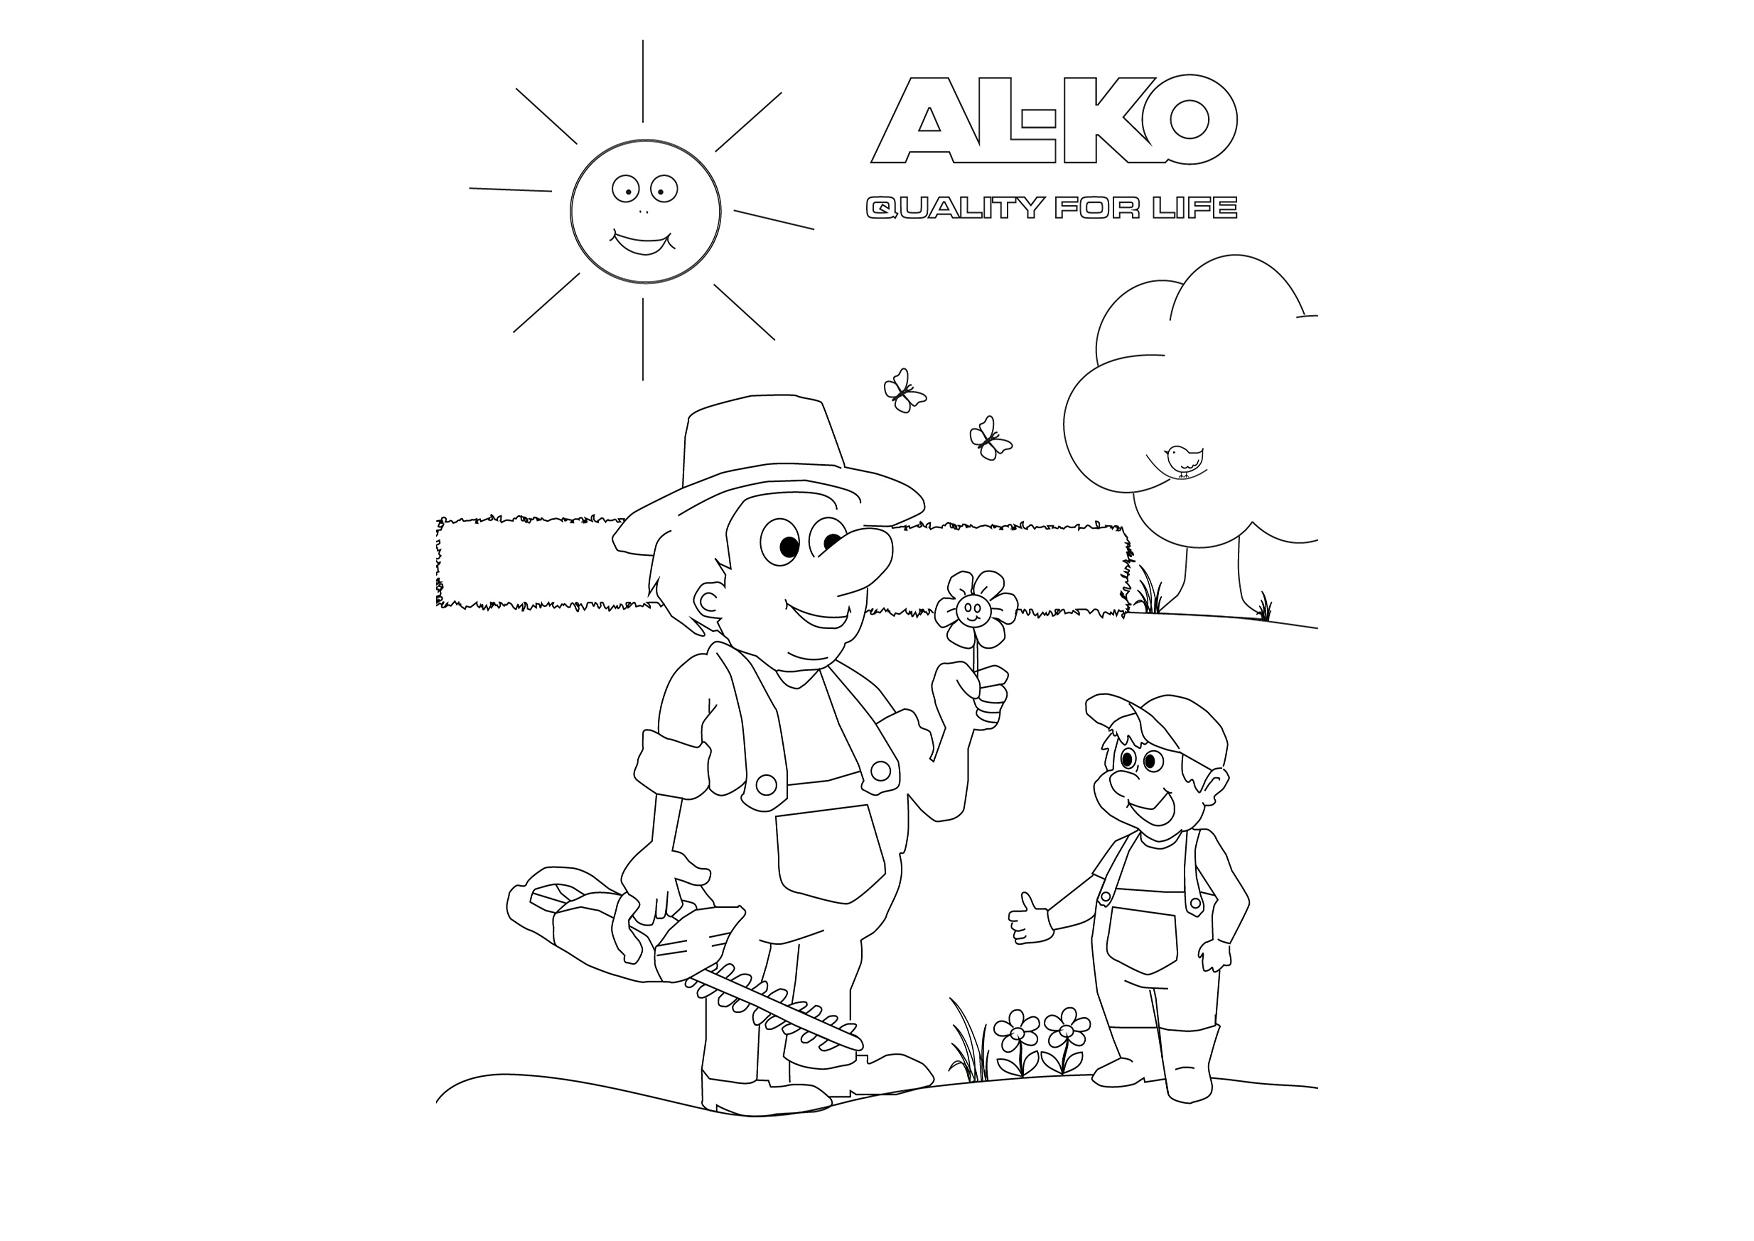 Der nette Gärtner   AL-KO Malvorlagen für Kids